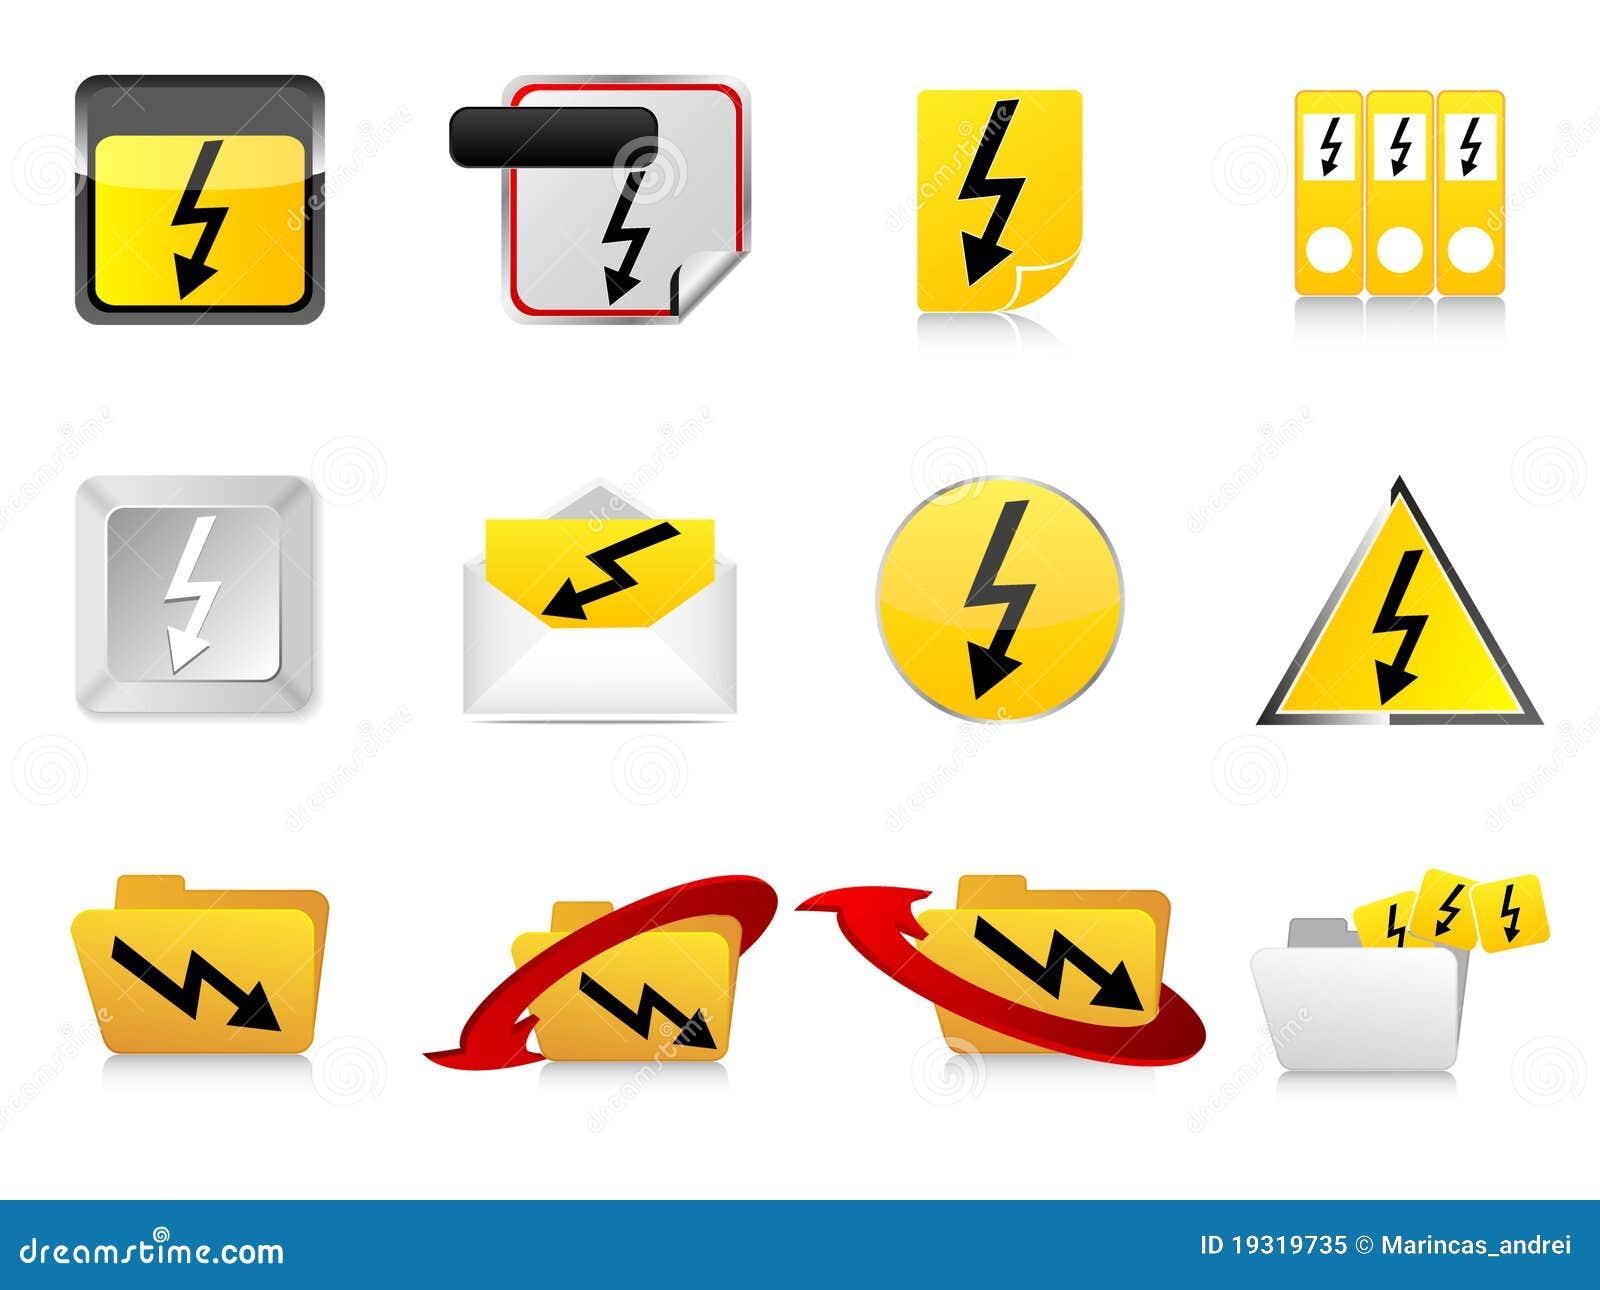 High voltage symbols stock vector. Illustration of electroshock ...